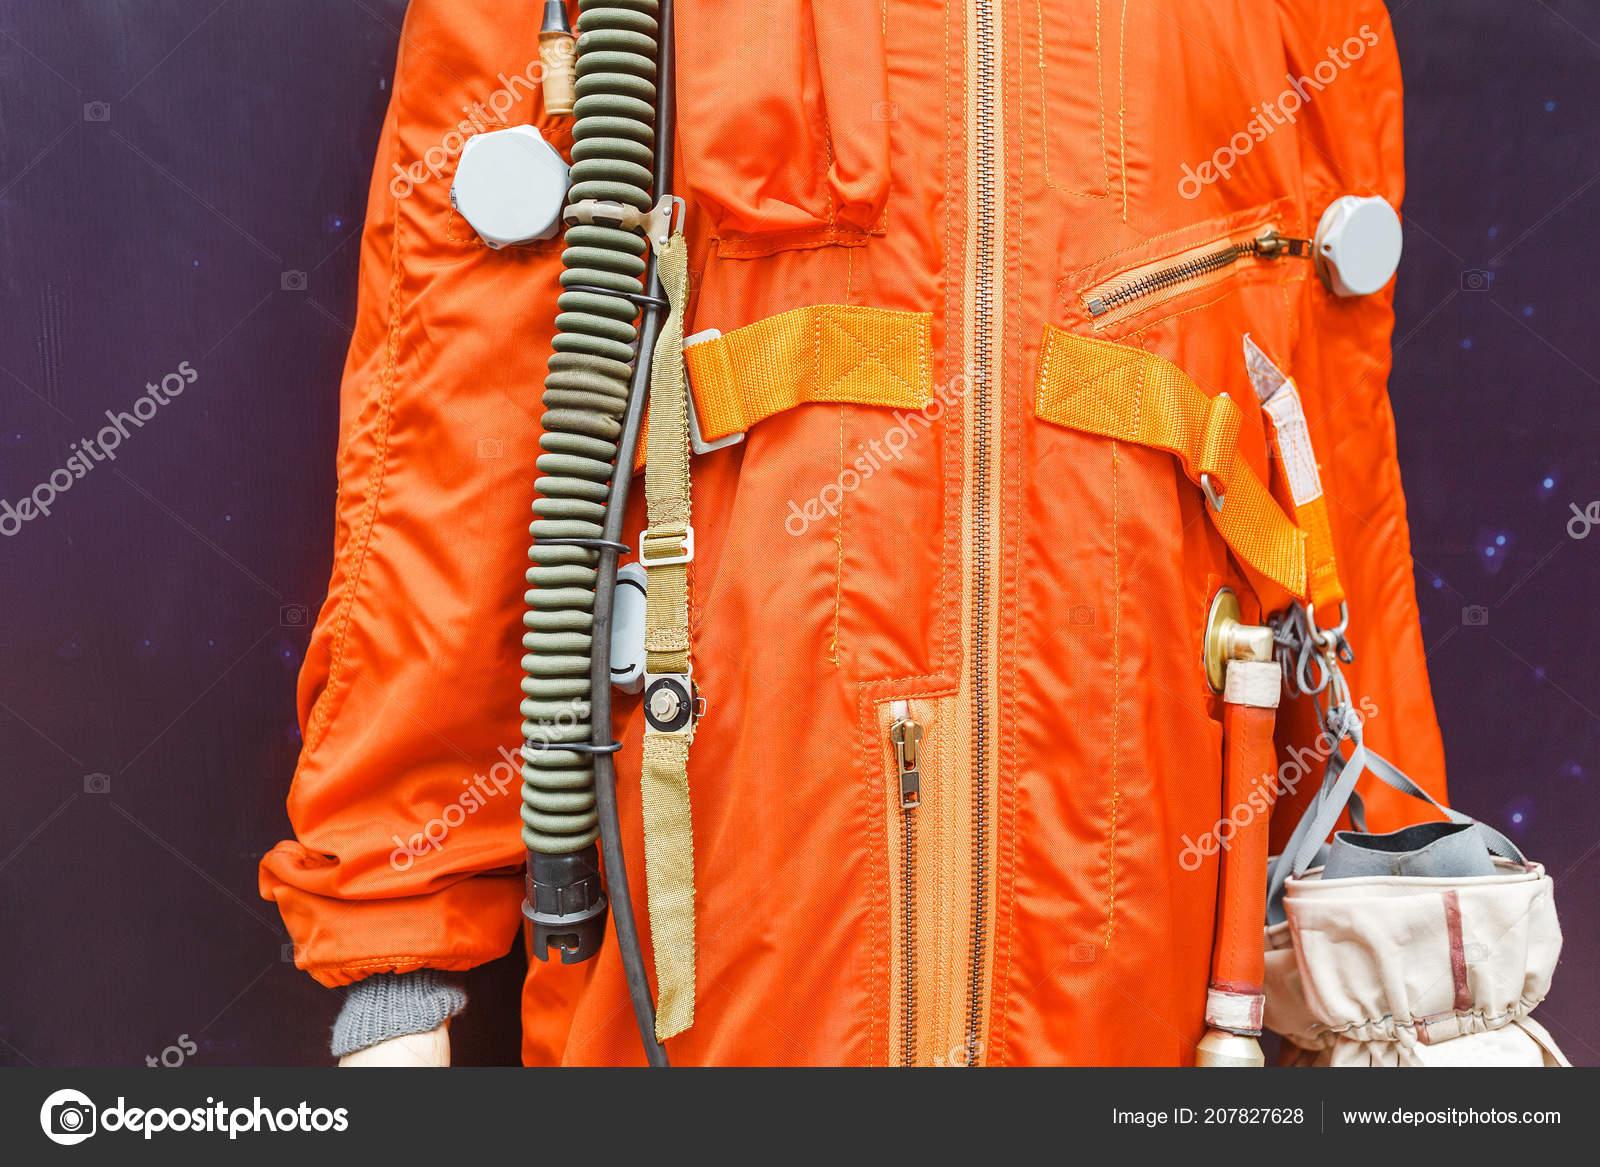 6cc6b65c98 Terno Laranja Espaço Exposição Cosmos Astronauta — Fotografia de Stock